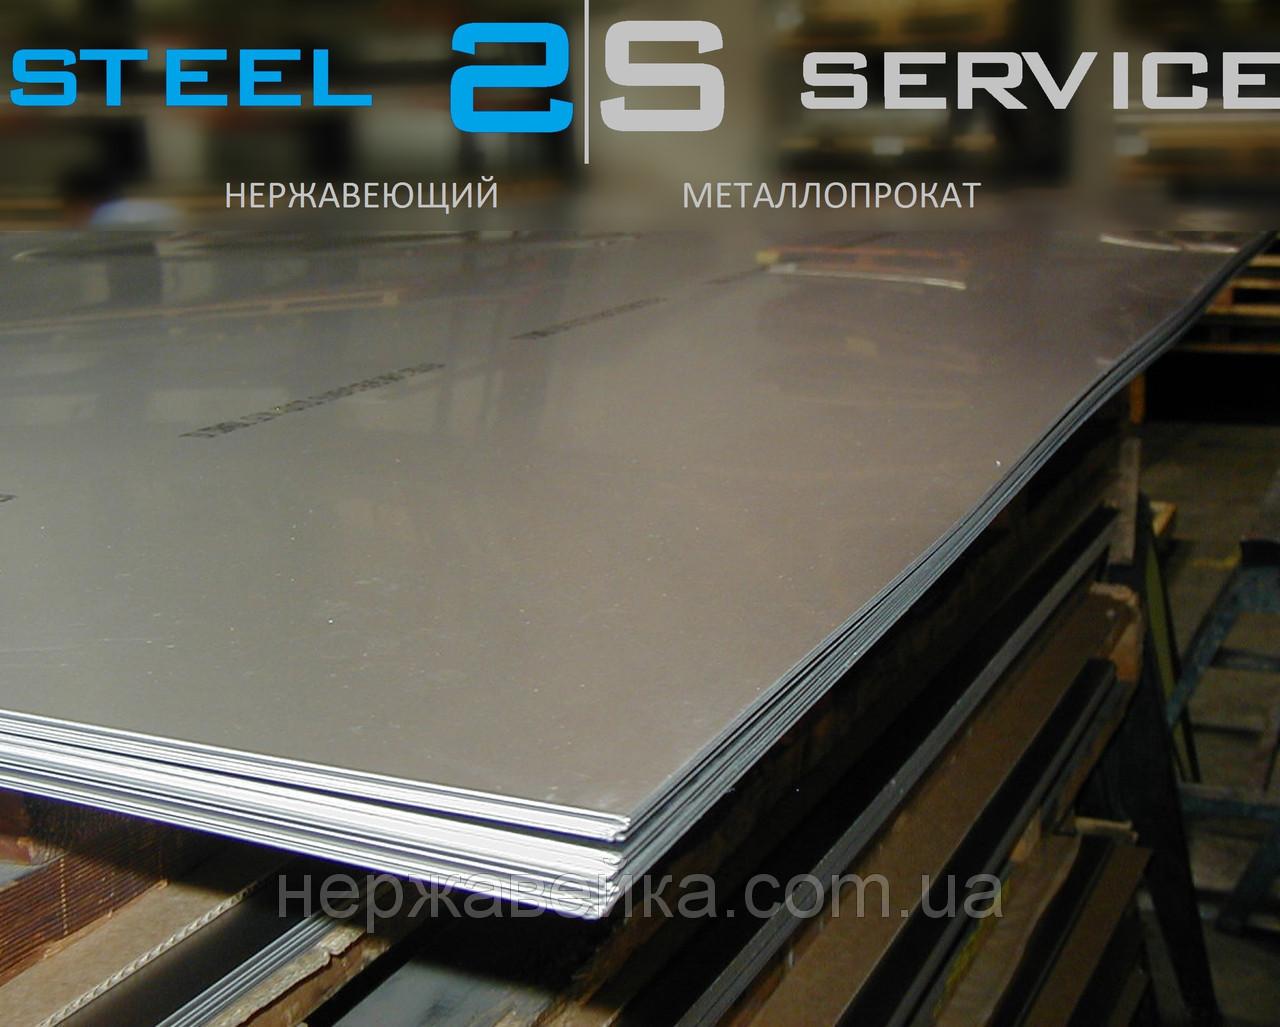 Нержавейка лист 2х1250х2500мм  AISI 304(08Х18Н10) 4N - шлифованный,  пищевой